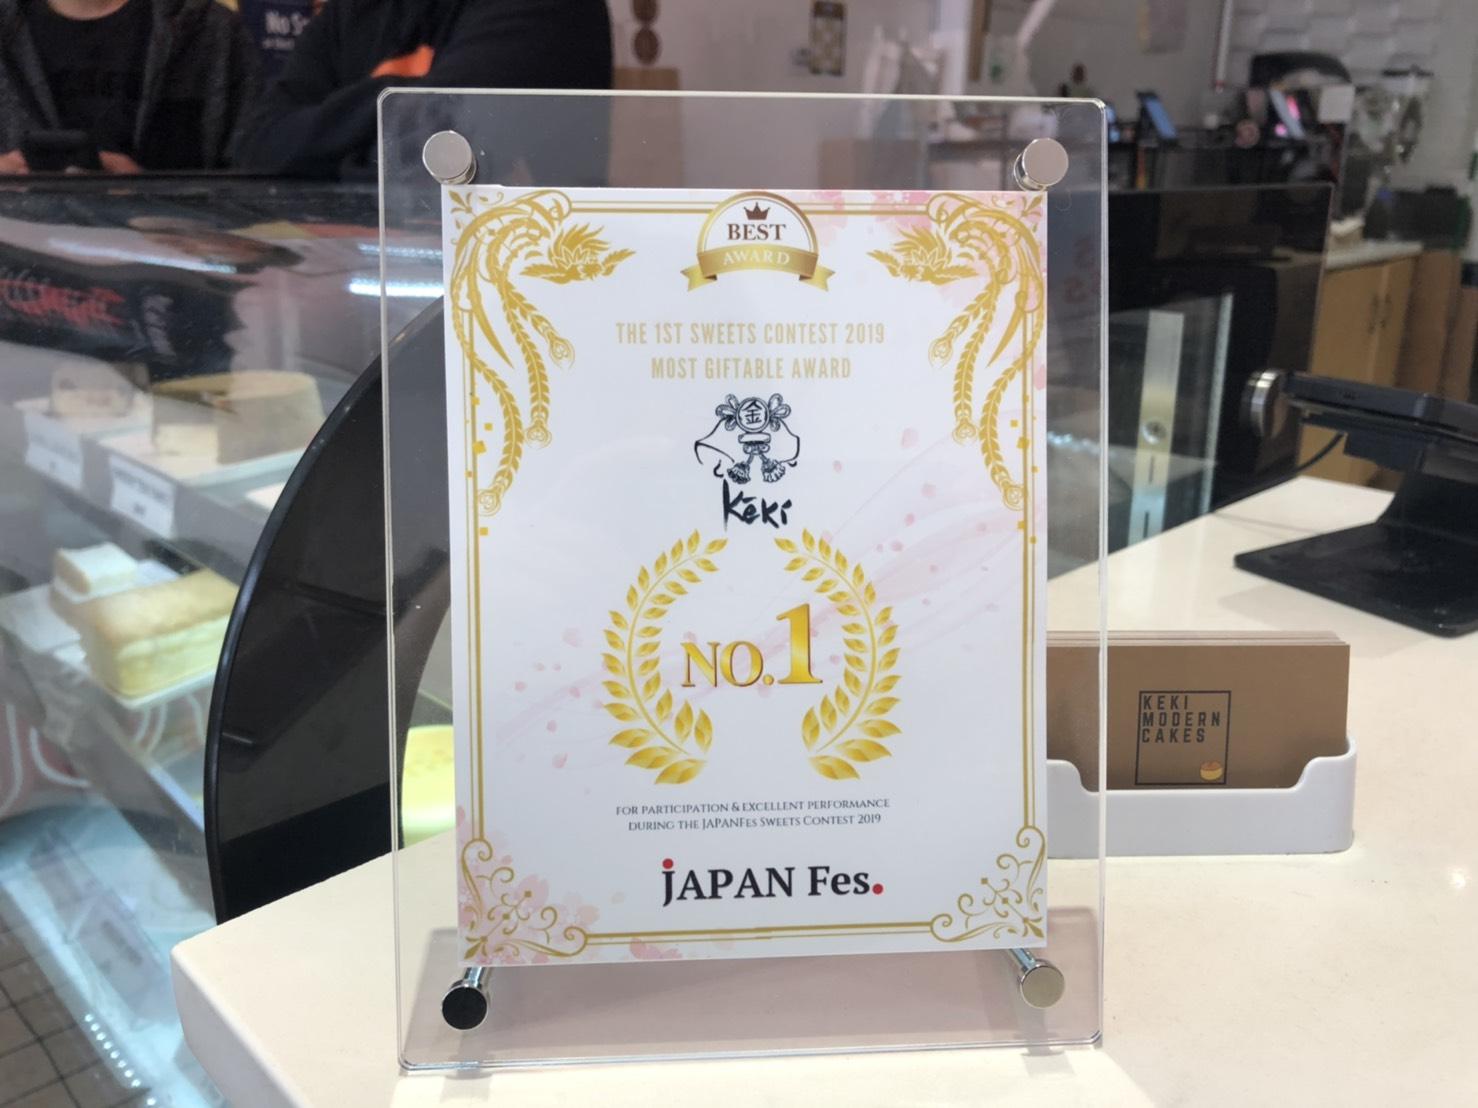 Most Giftable Award - Keki Modern Cakes